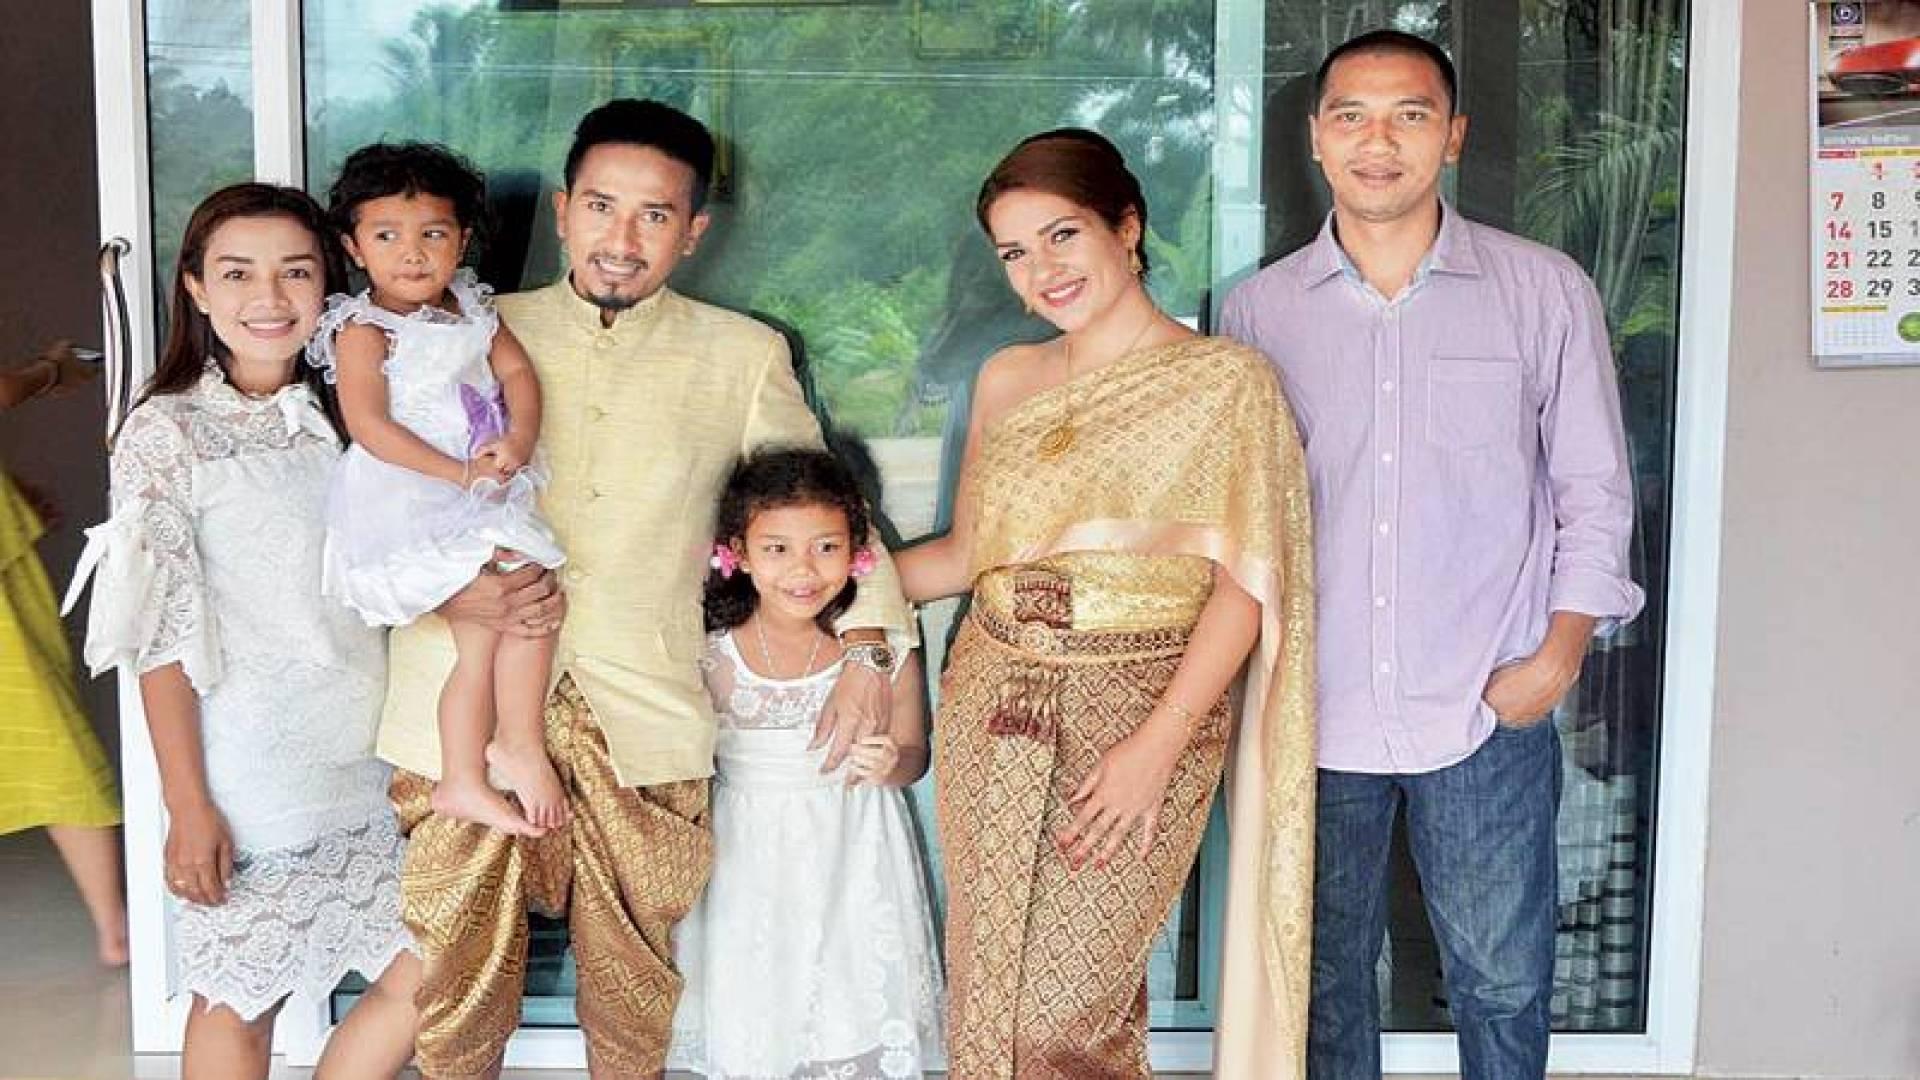 على طريقة ساق البامبو.. كويتية تتزوج تايلنديًا